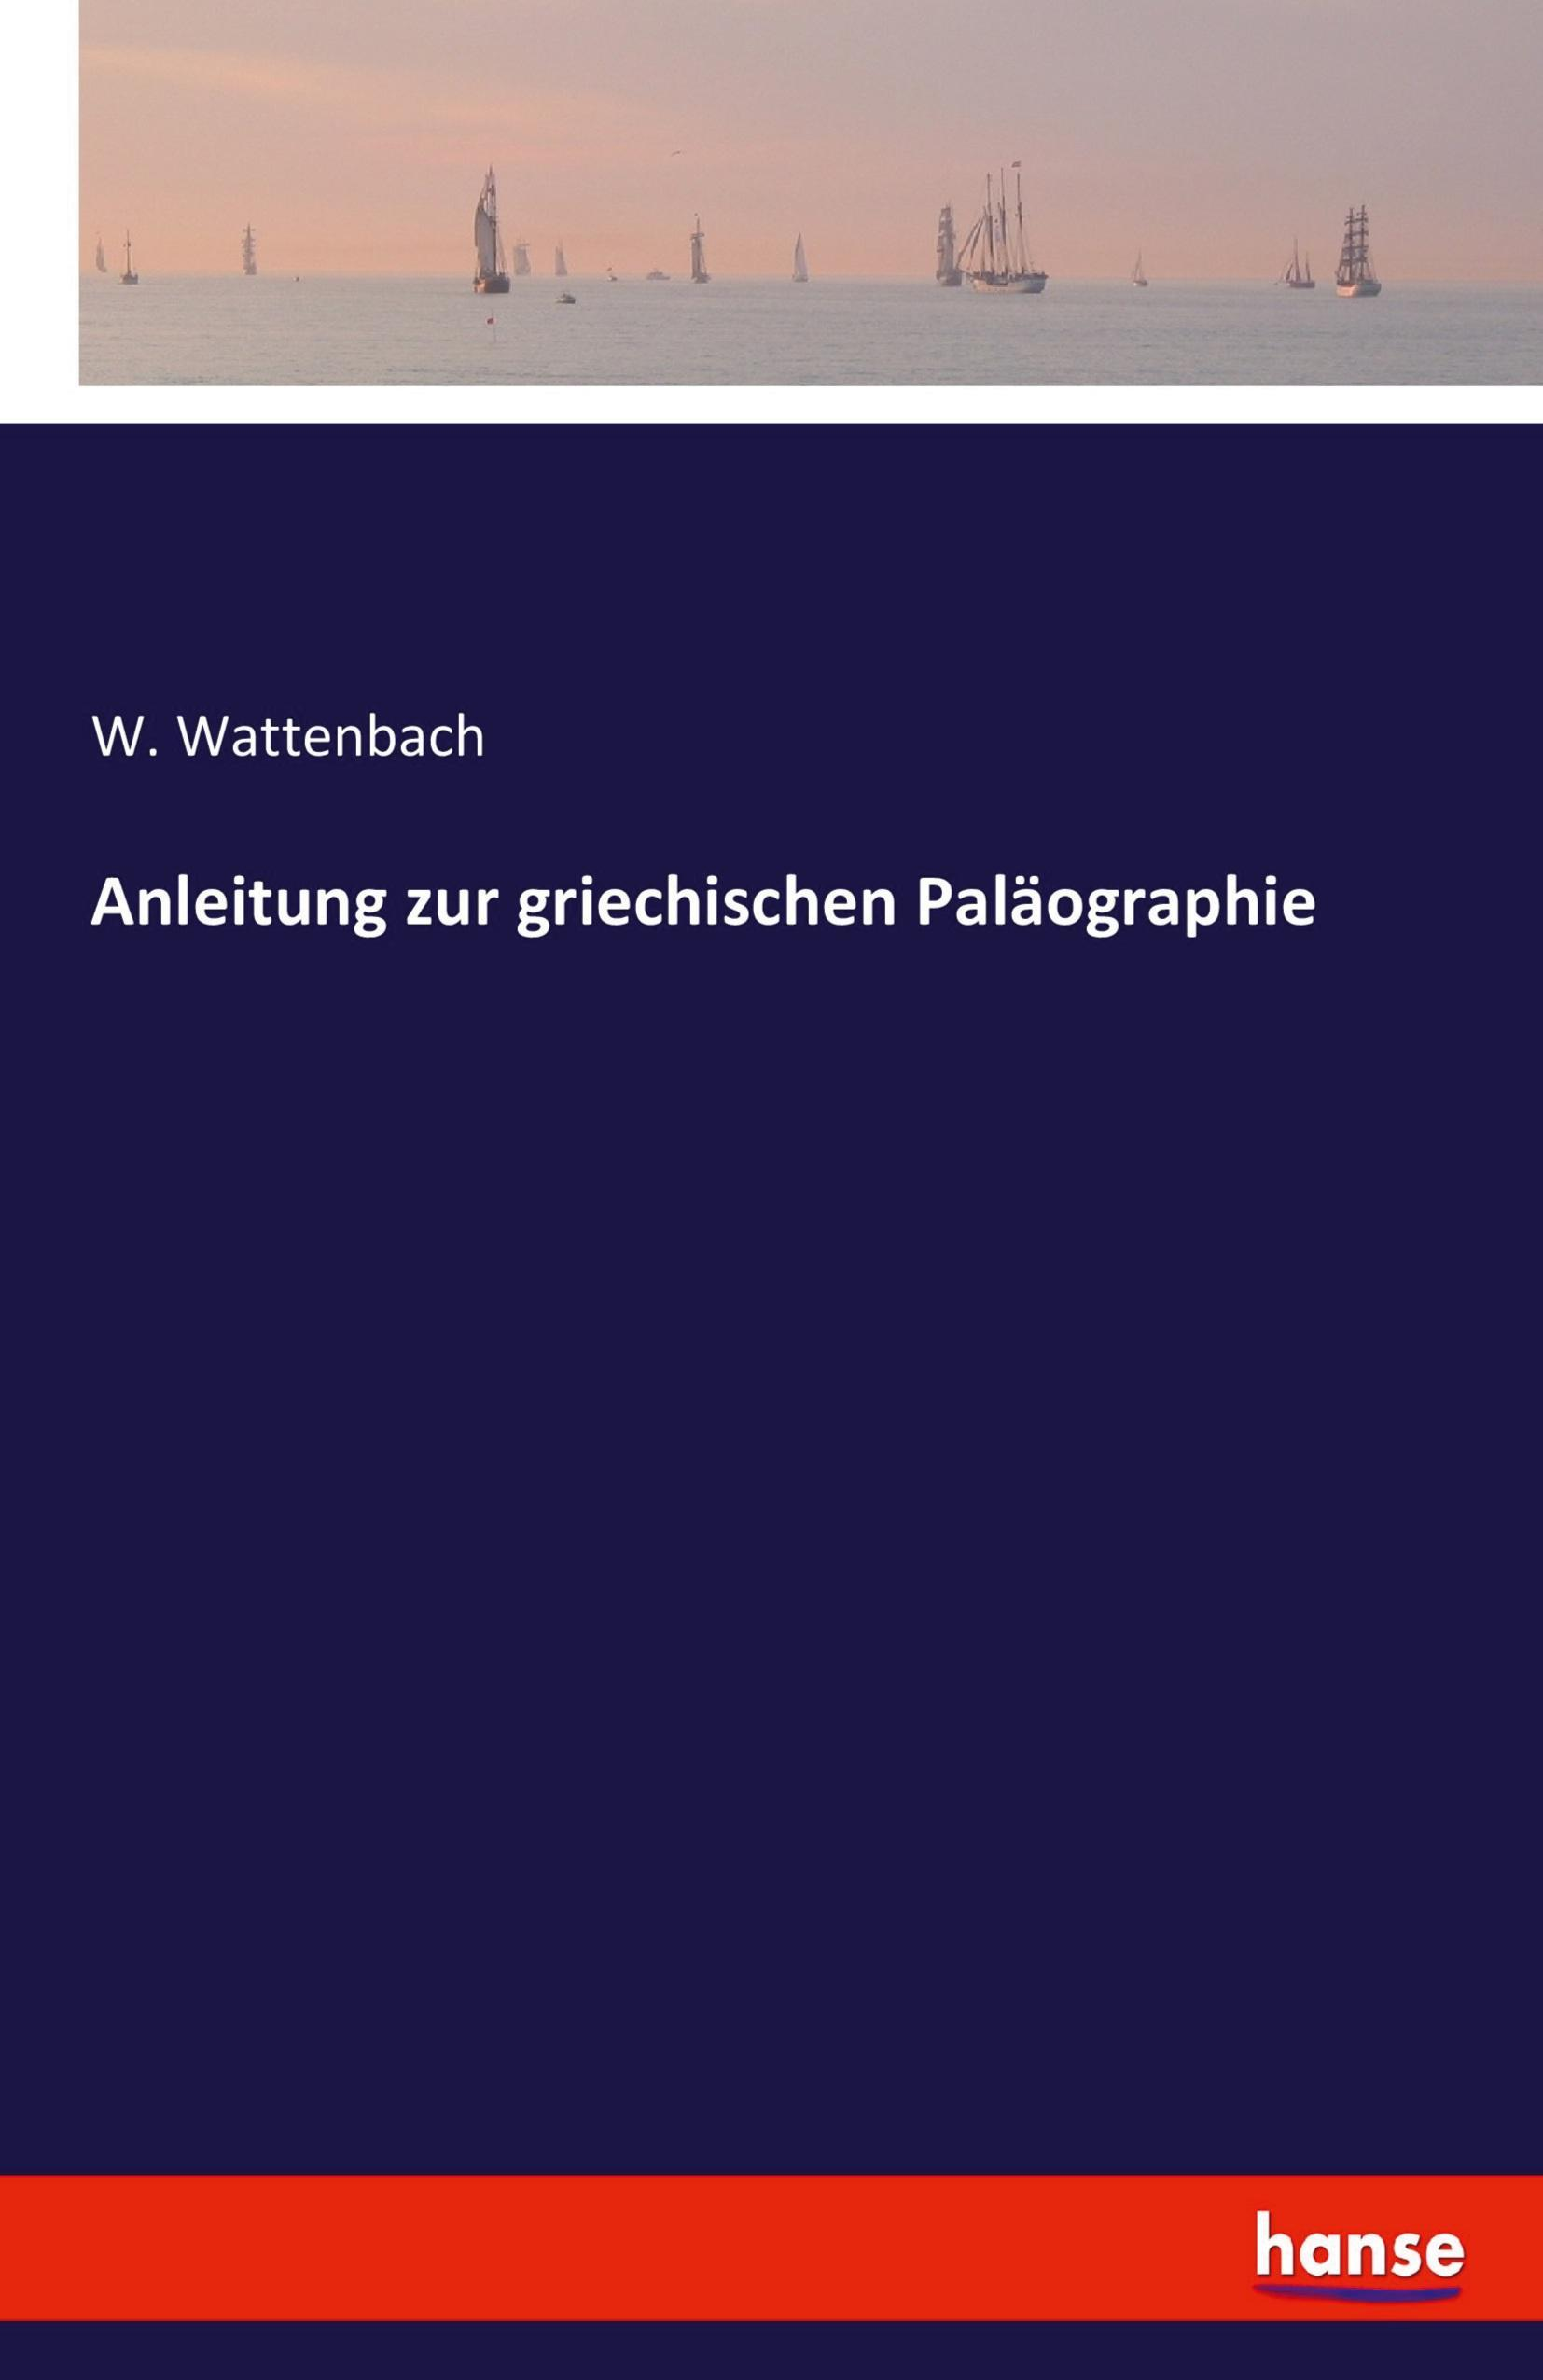 Anleitung zur griechischen Paläographie W. Wattenbach